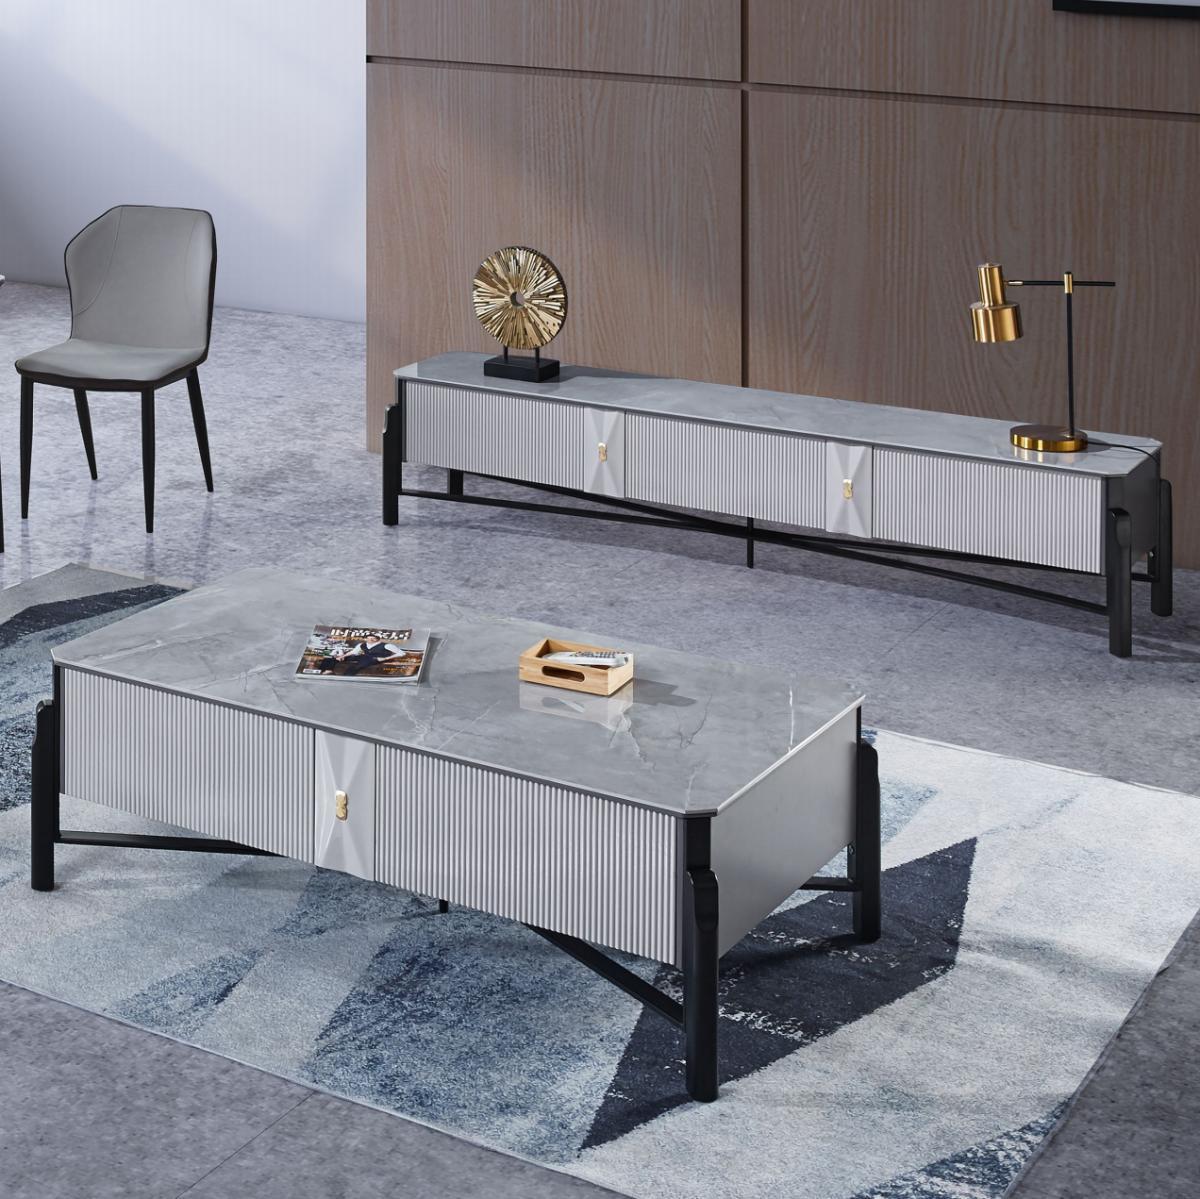 北欧茶几电视柜组合现代简约客厅极简现代轻奢灰色岩板茶几电视柜